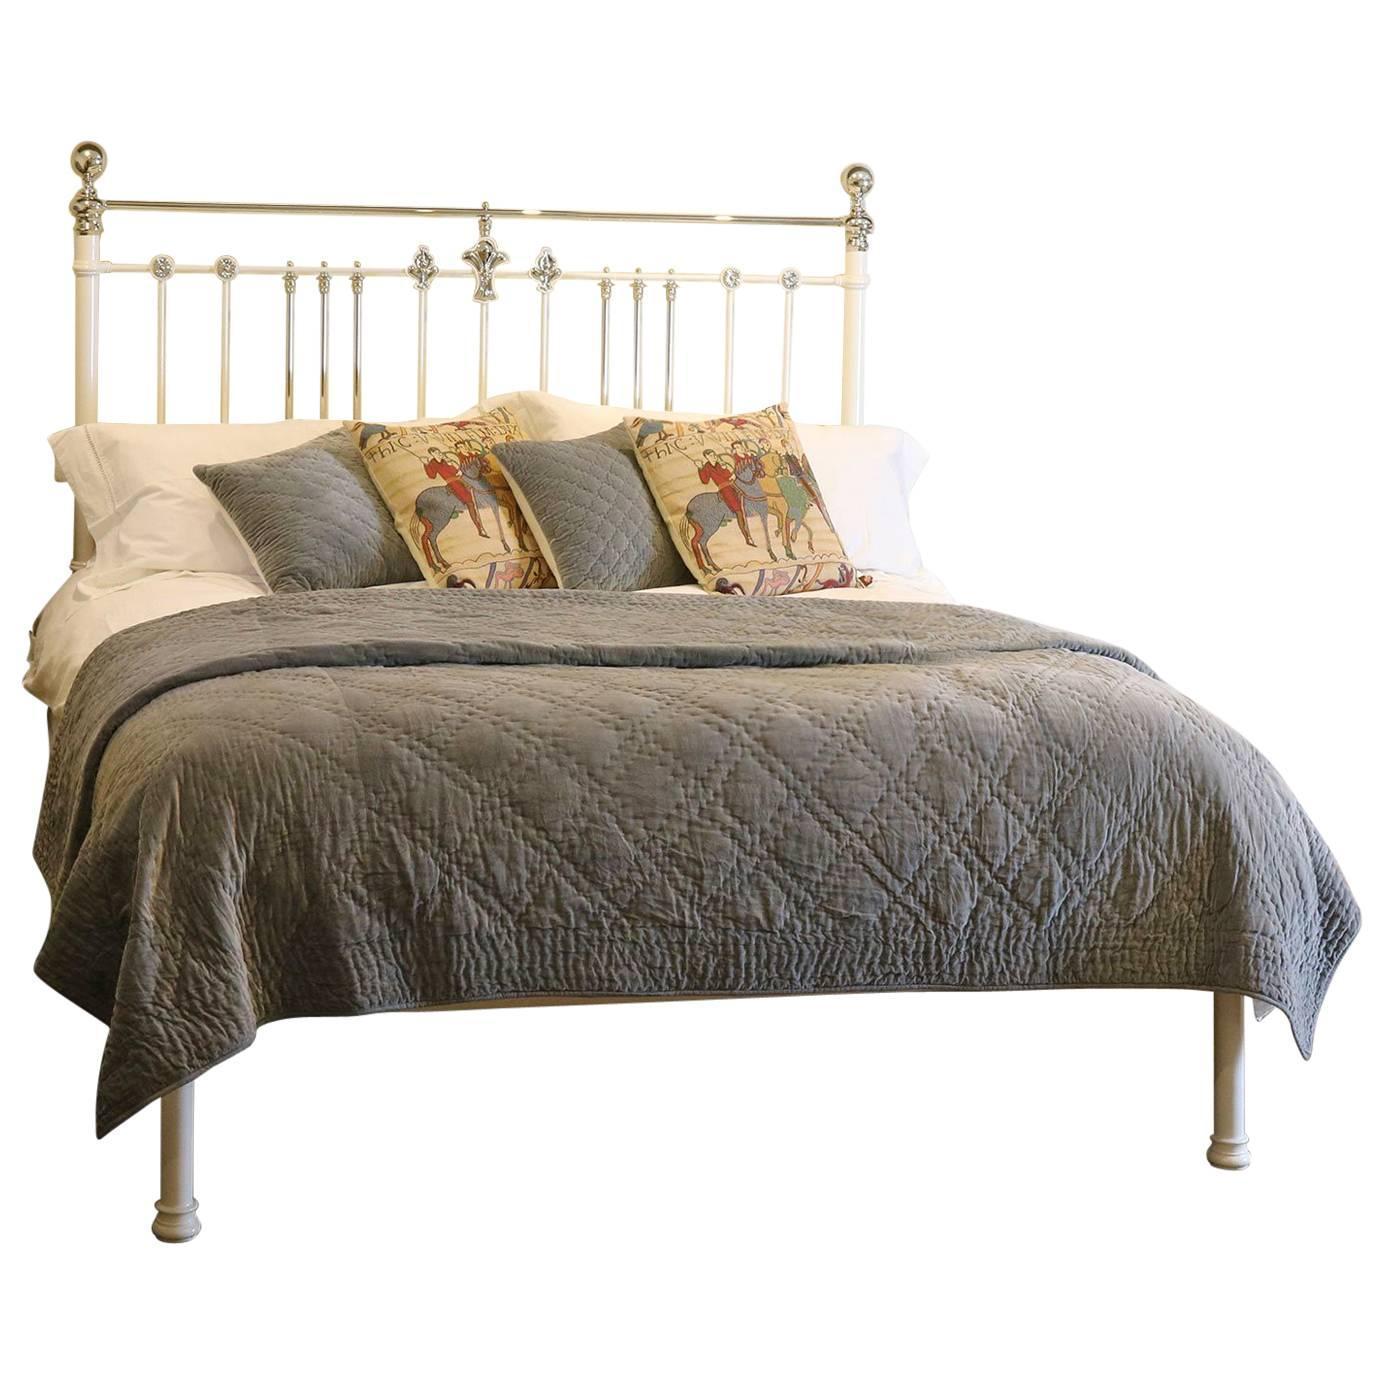 Wide Platform Low End Bed Msk35 For Sale At 1stdibs